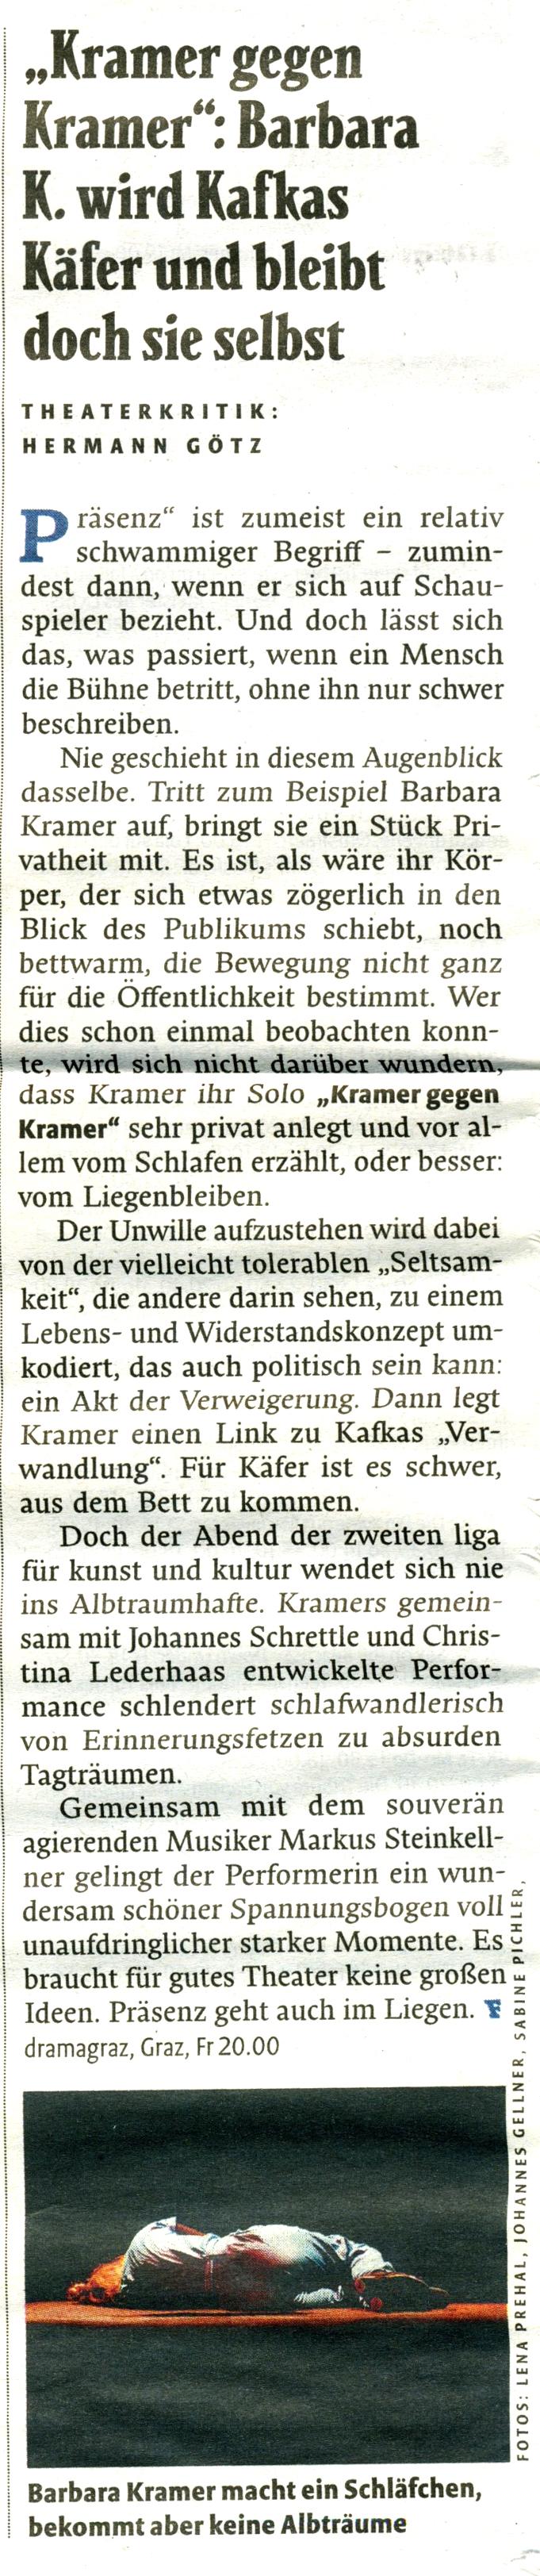 kramer_falter